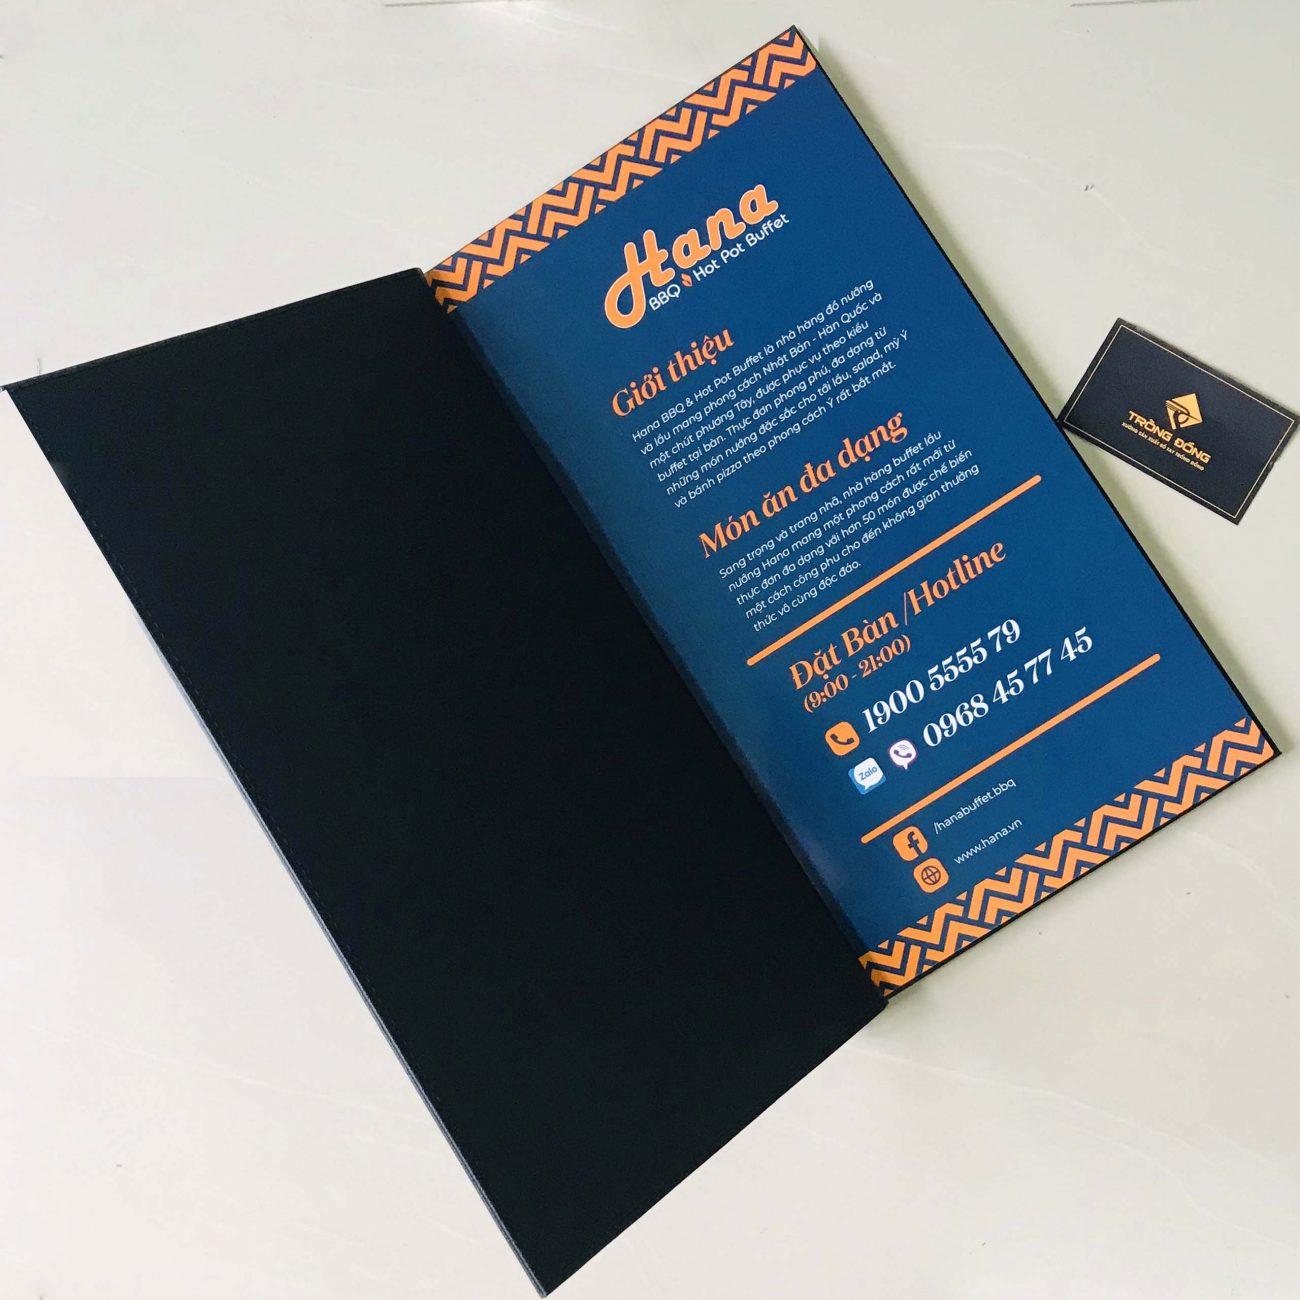 Xưởng sản xuất menu bìa da, in logo lên menu da, bìa da